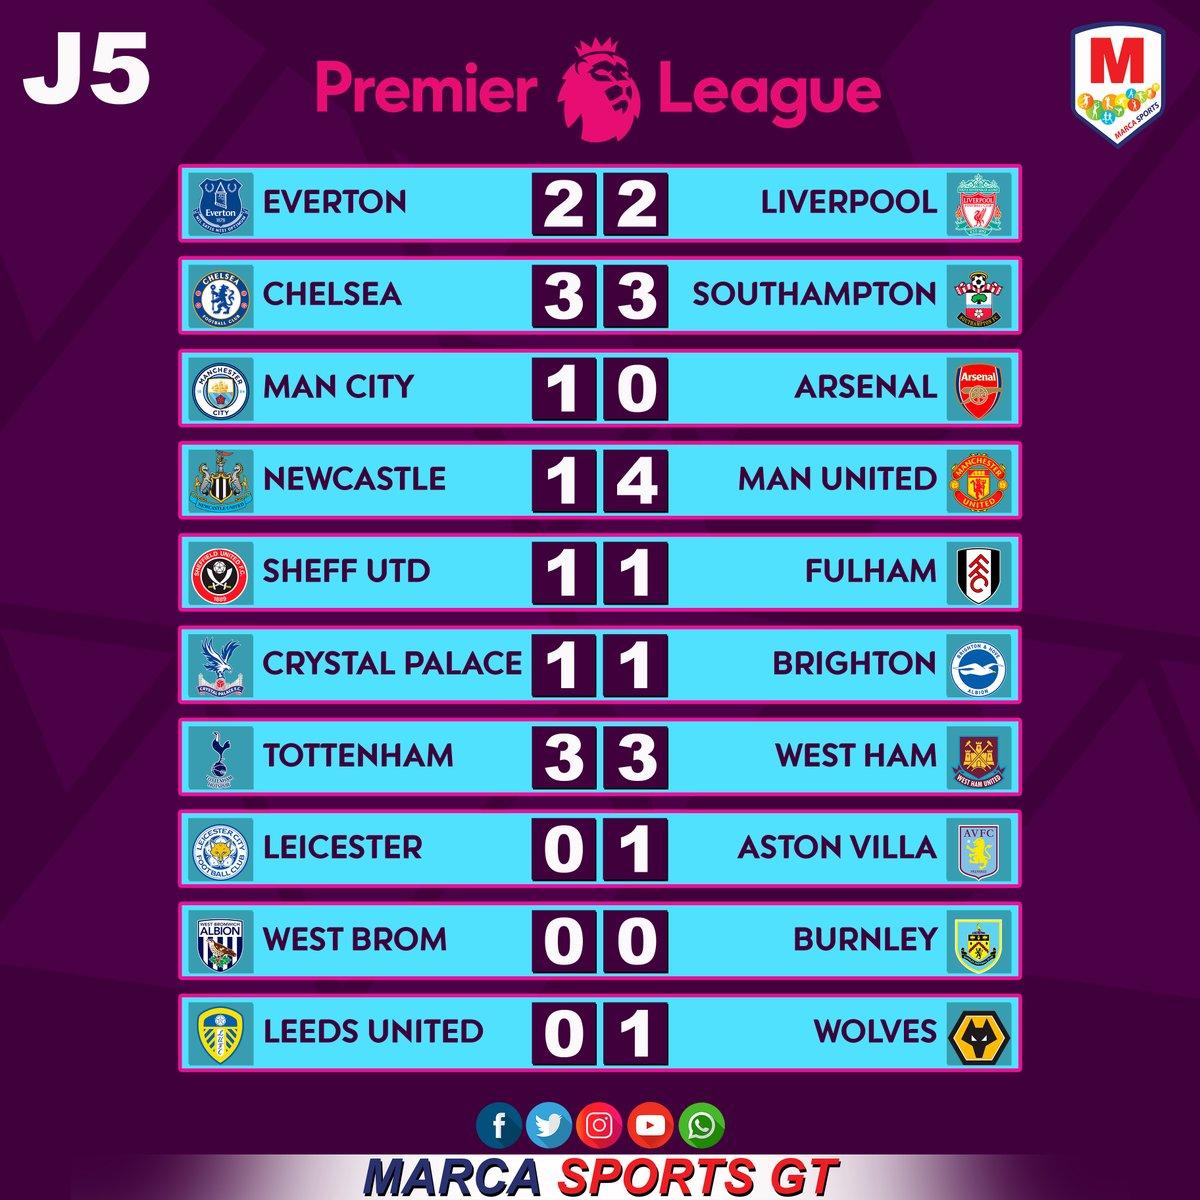 Resultados de la quinta fecha y tabla de posiciones en la Premier League de Inglaterra.   #MarcaSportsGT https://t.co/UvbvKxE8xU